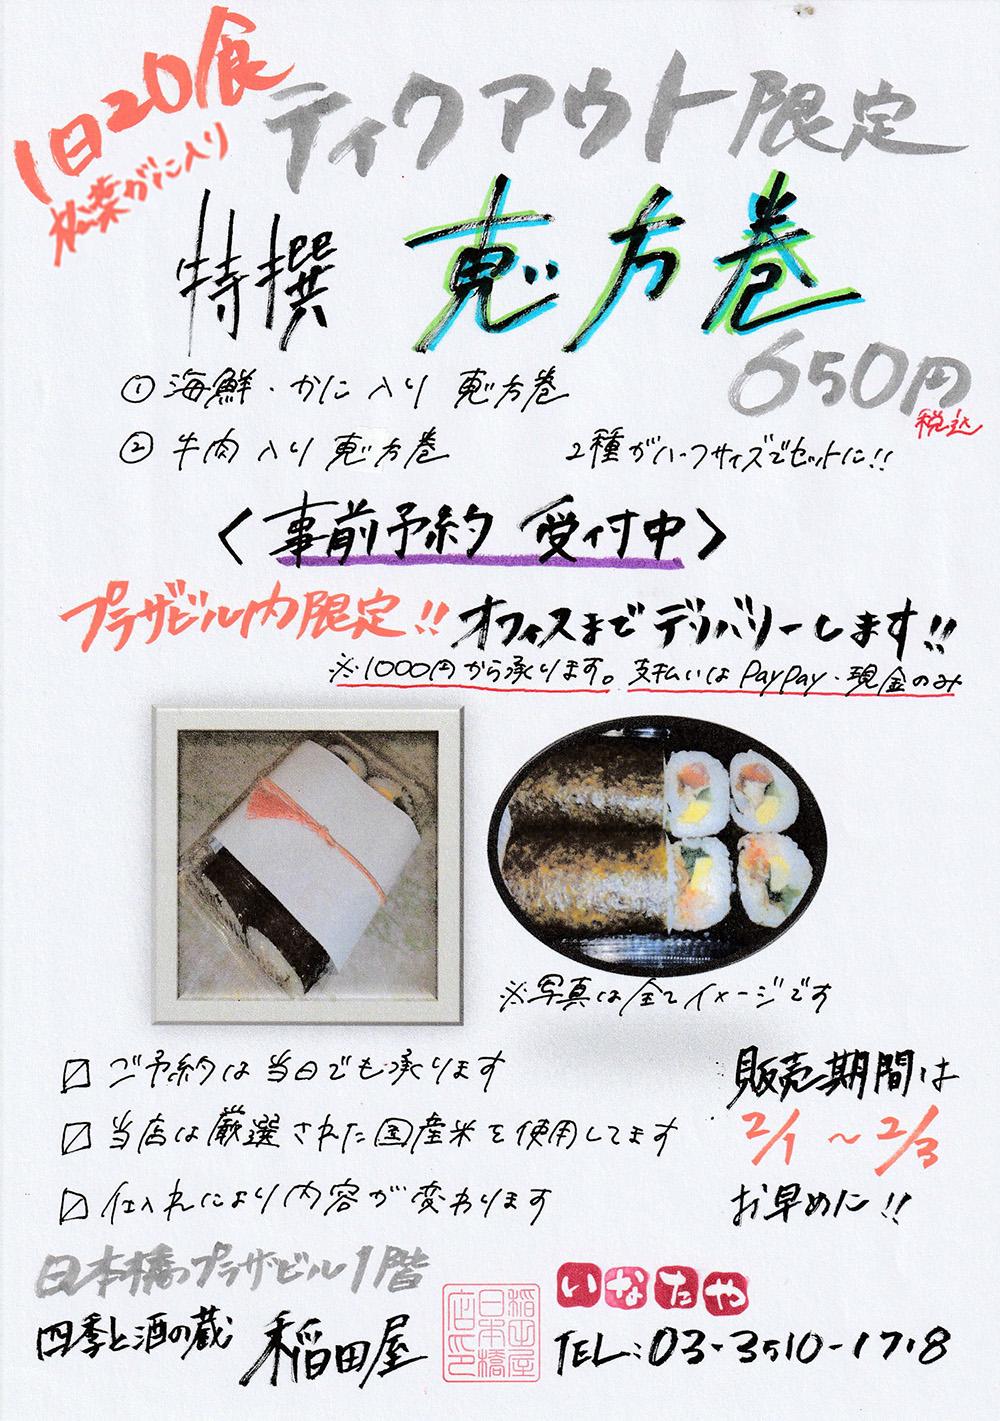 四季と酒の蔵 稲田屋 日本橋店 期間限定テイクアウト《恵方巻》チラシイメージ